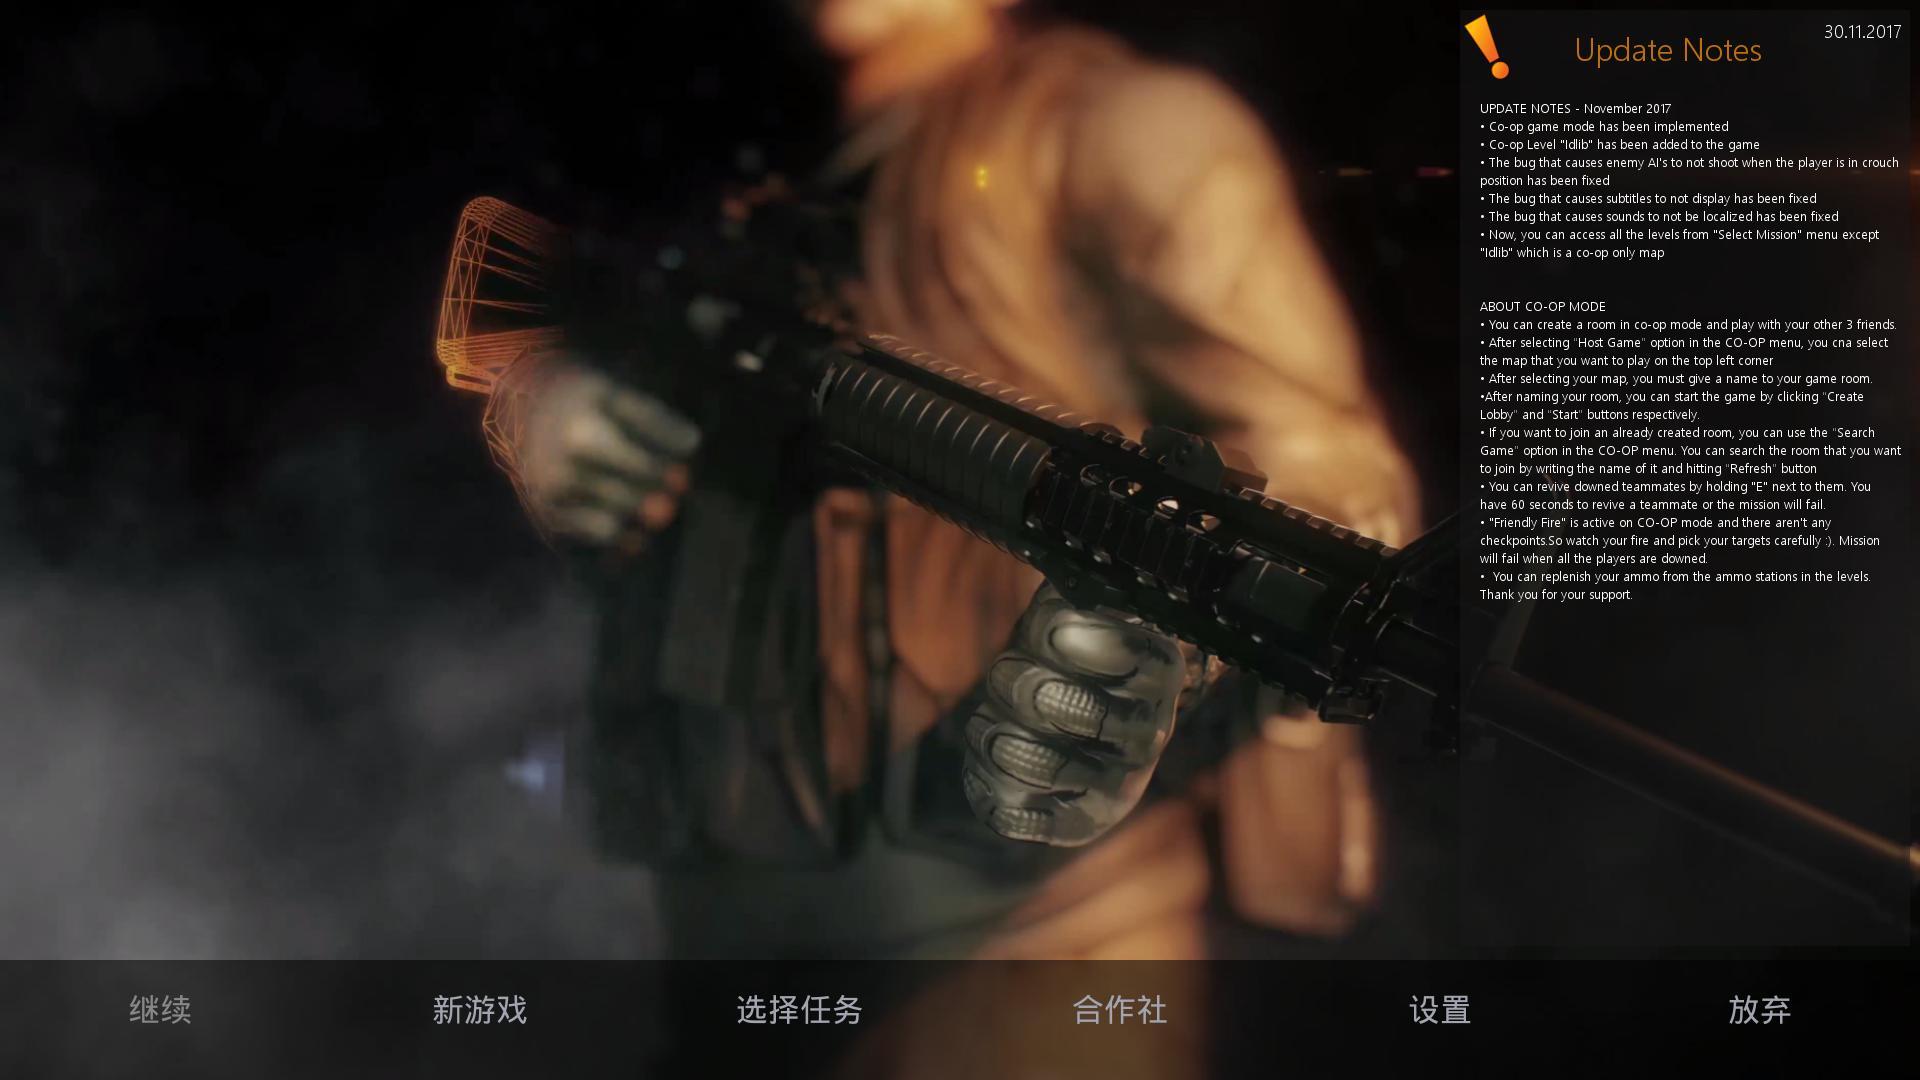 宇宙战士 中文截图